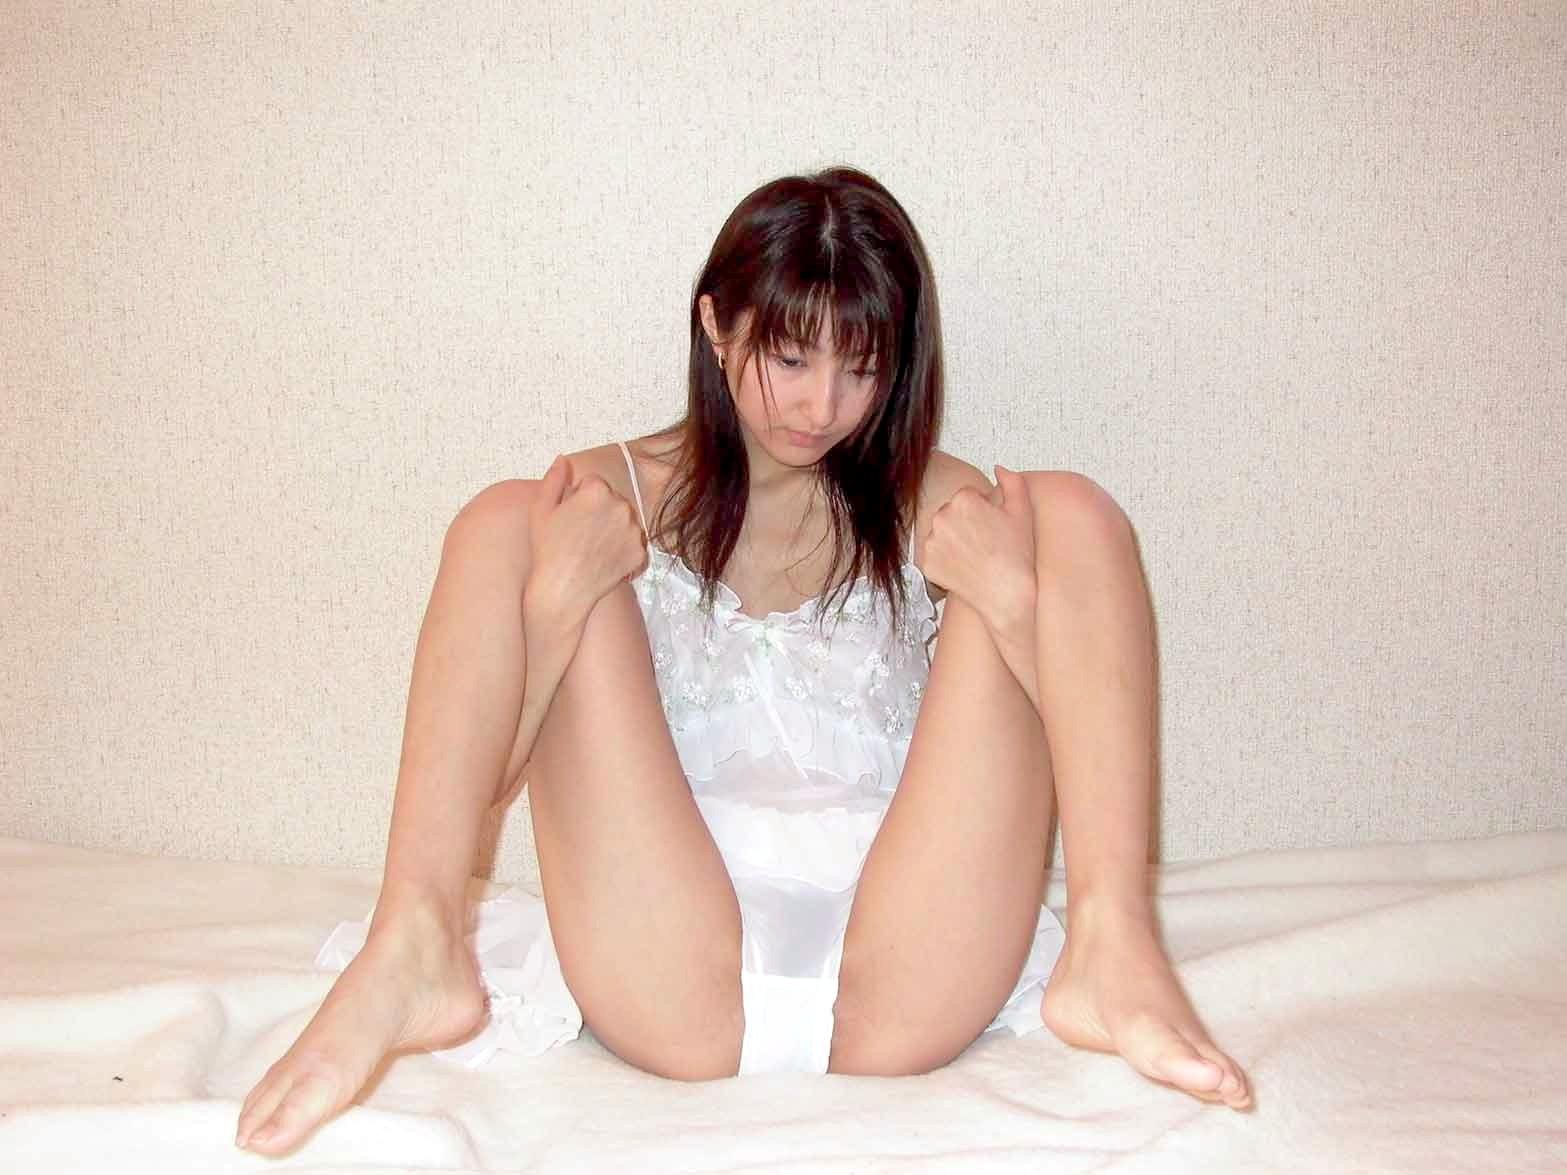 M字開脚する綺麗なお姉さんのエロ画像 86